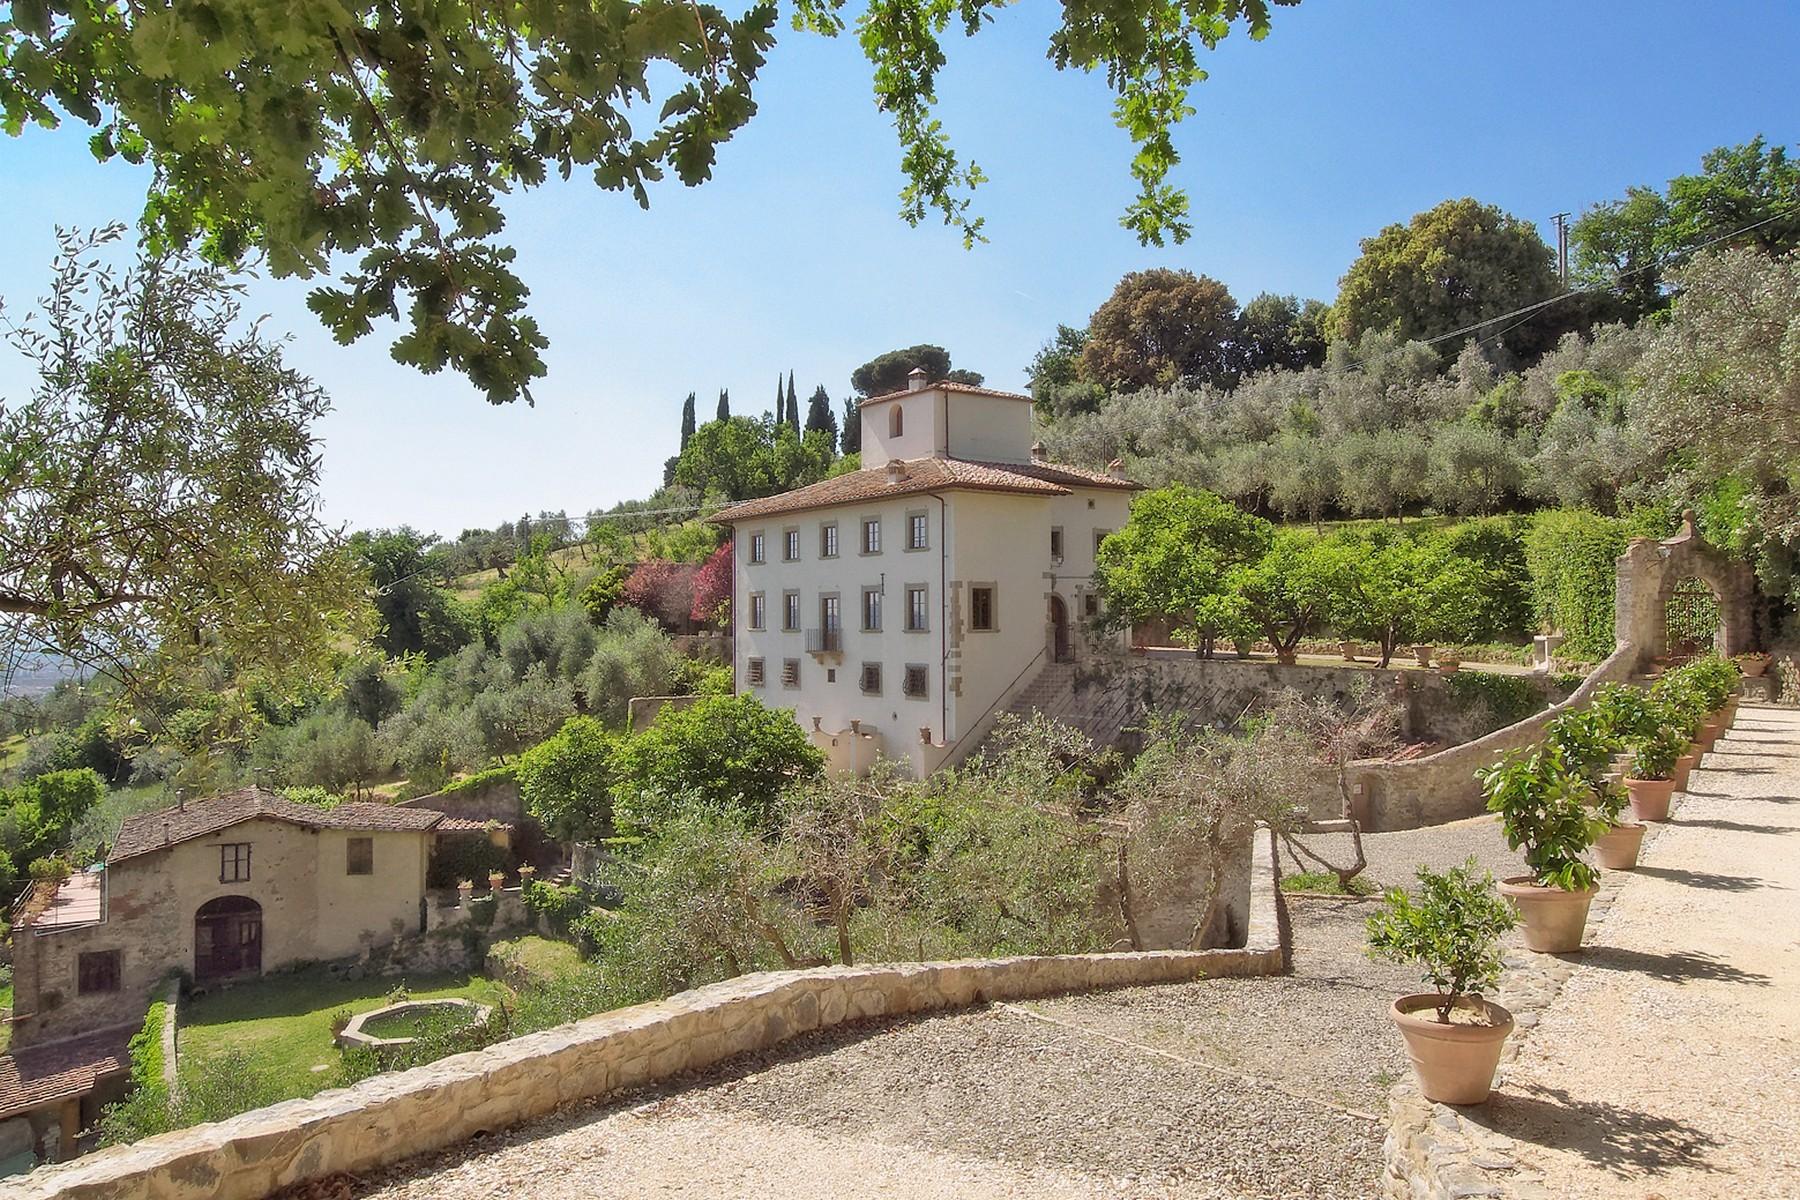 Villa in Vendita a Firenze: 5 locali, 618 mq - Foto 2